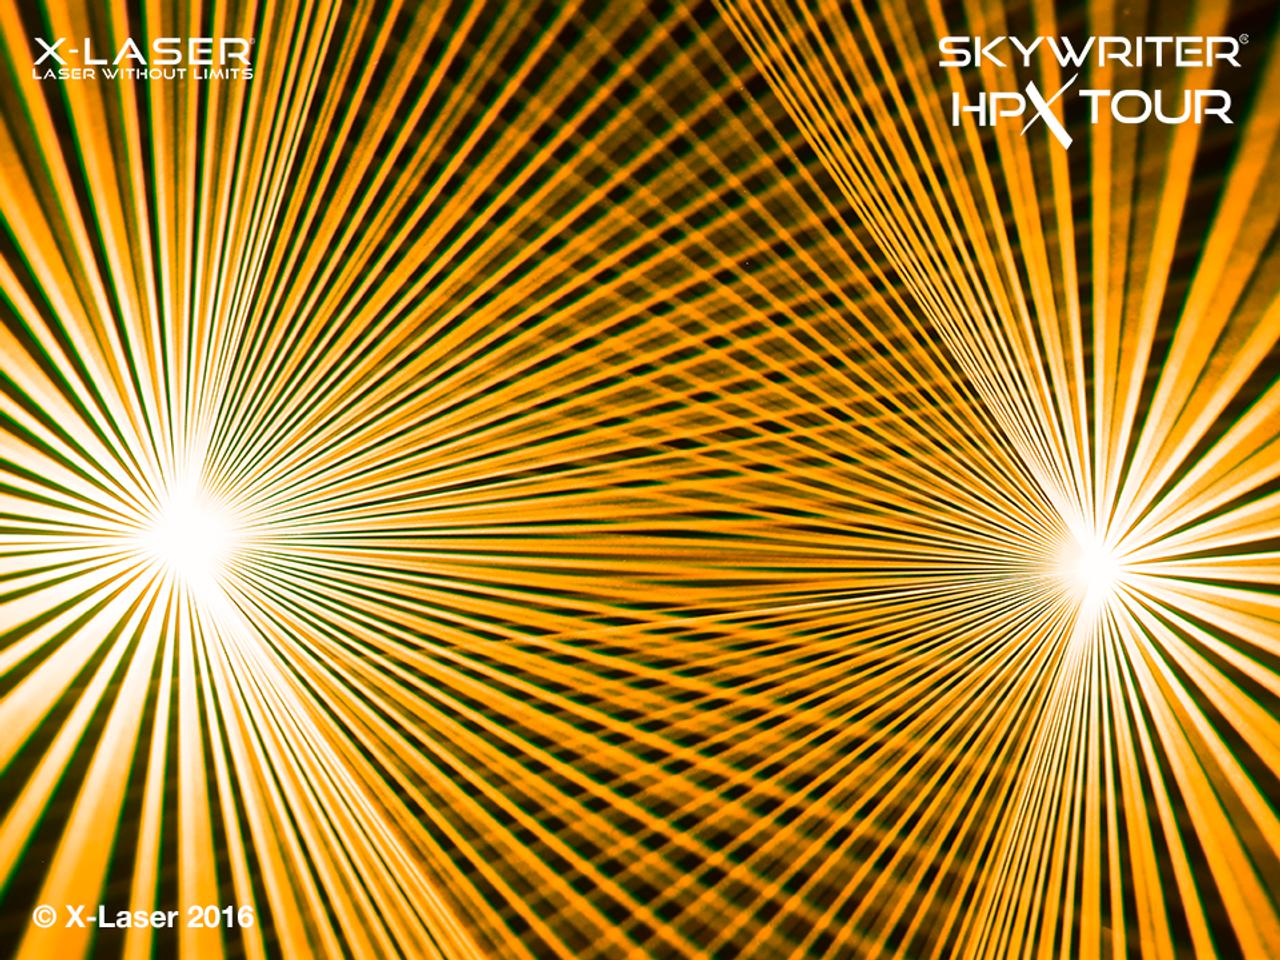 X-Laser Skywriter HPX MF-5 RGB Laser Projector w/ Mercury + FB4